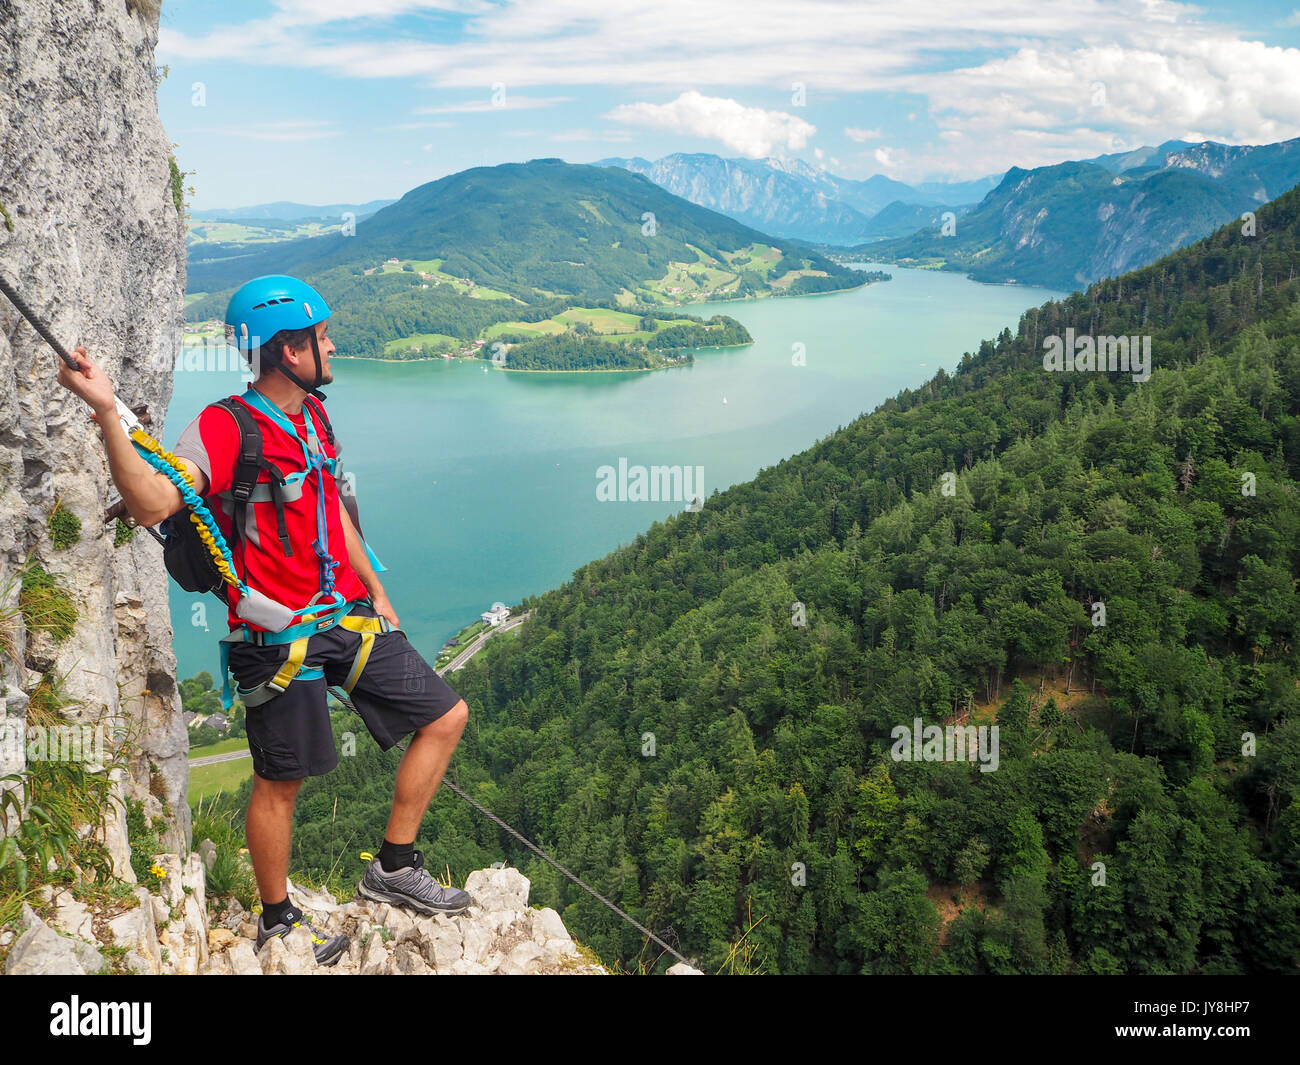 Klettersteig Austria : Die anspruchsvollsten klettersteige Österreichs loveaustria at